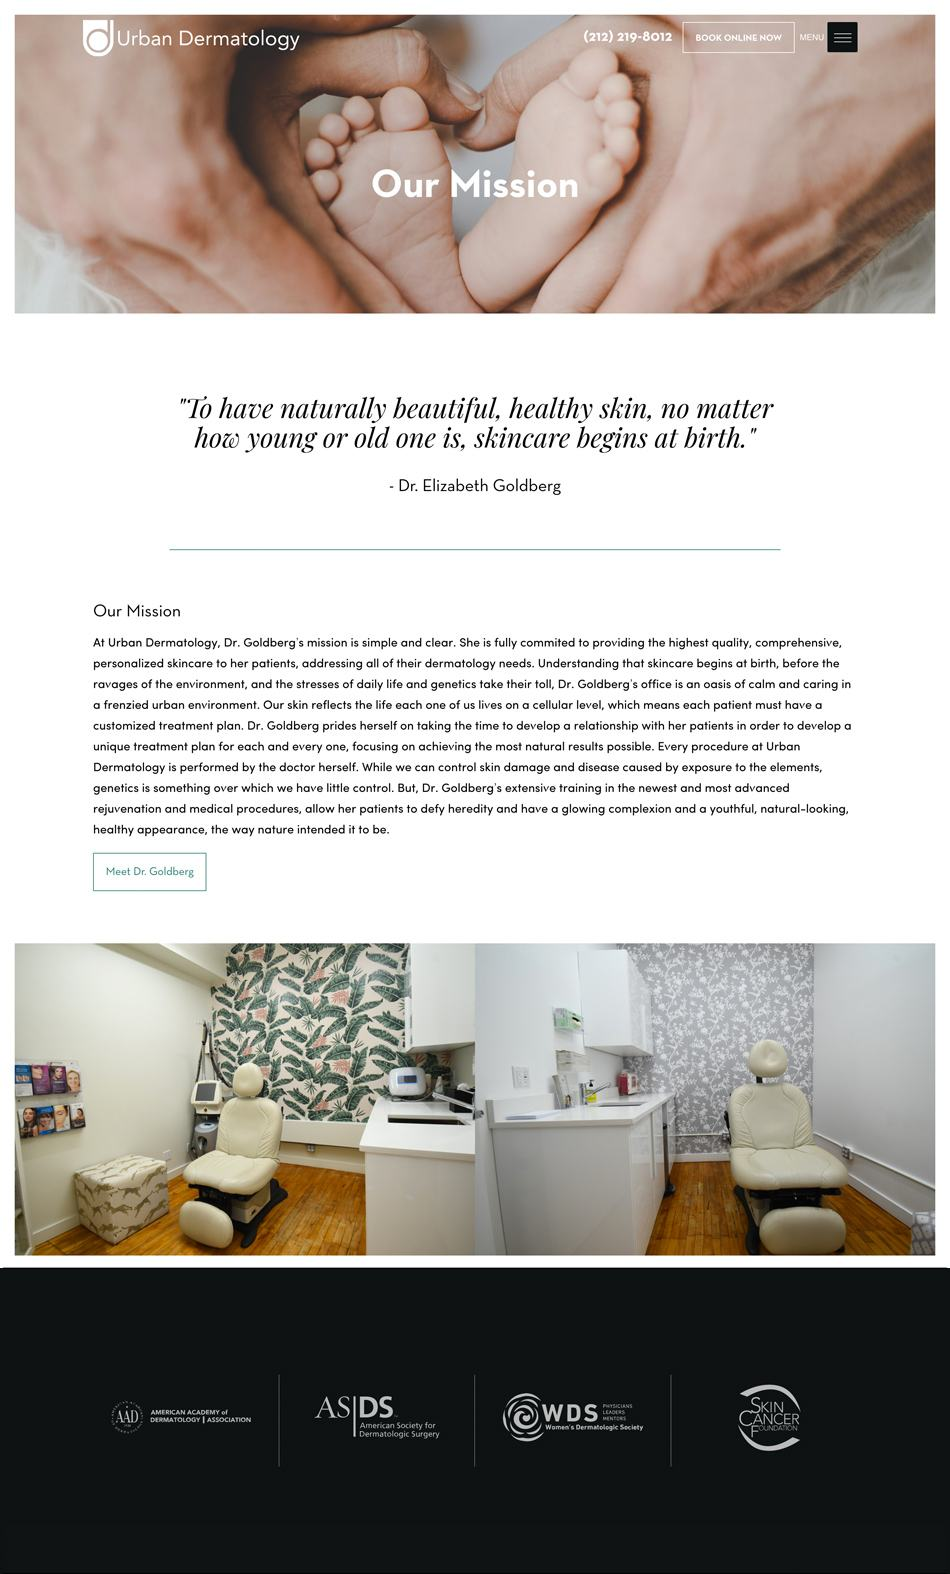 Urban Dermatology Website